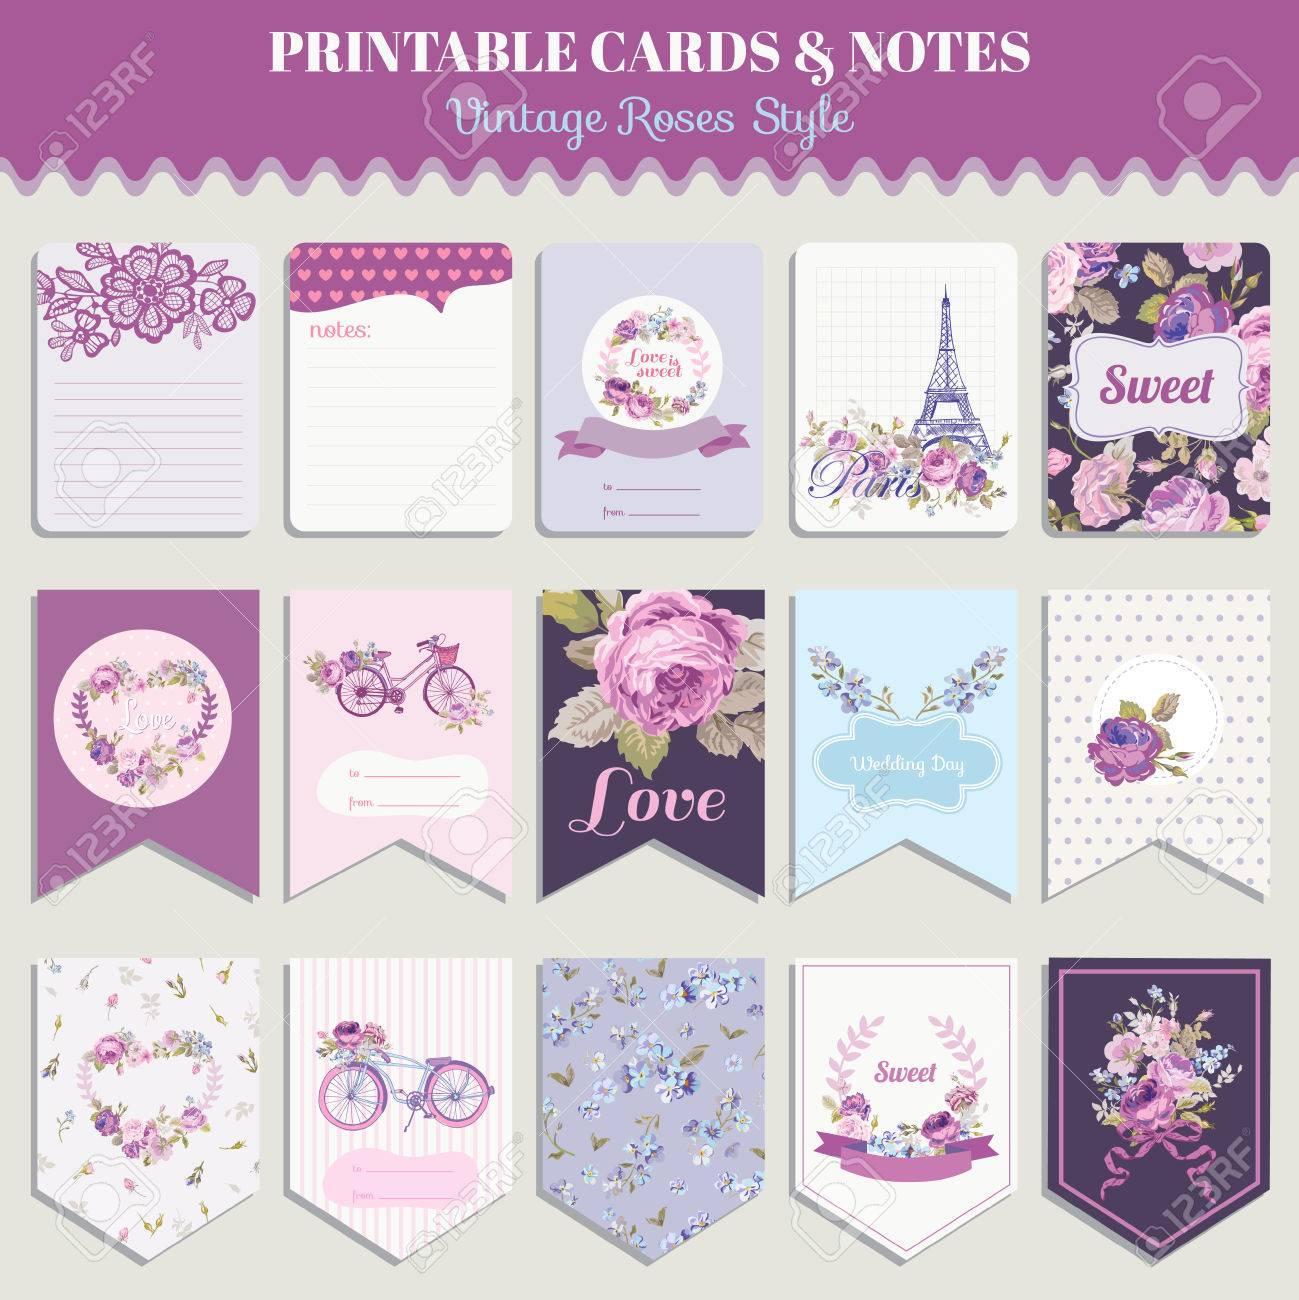 Vintage Blumen Karten Set   Für Geburtstag, Hochzeit, Baby Dusche,